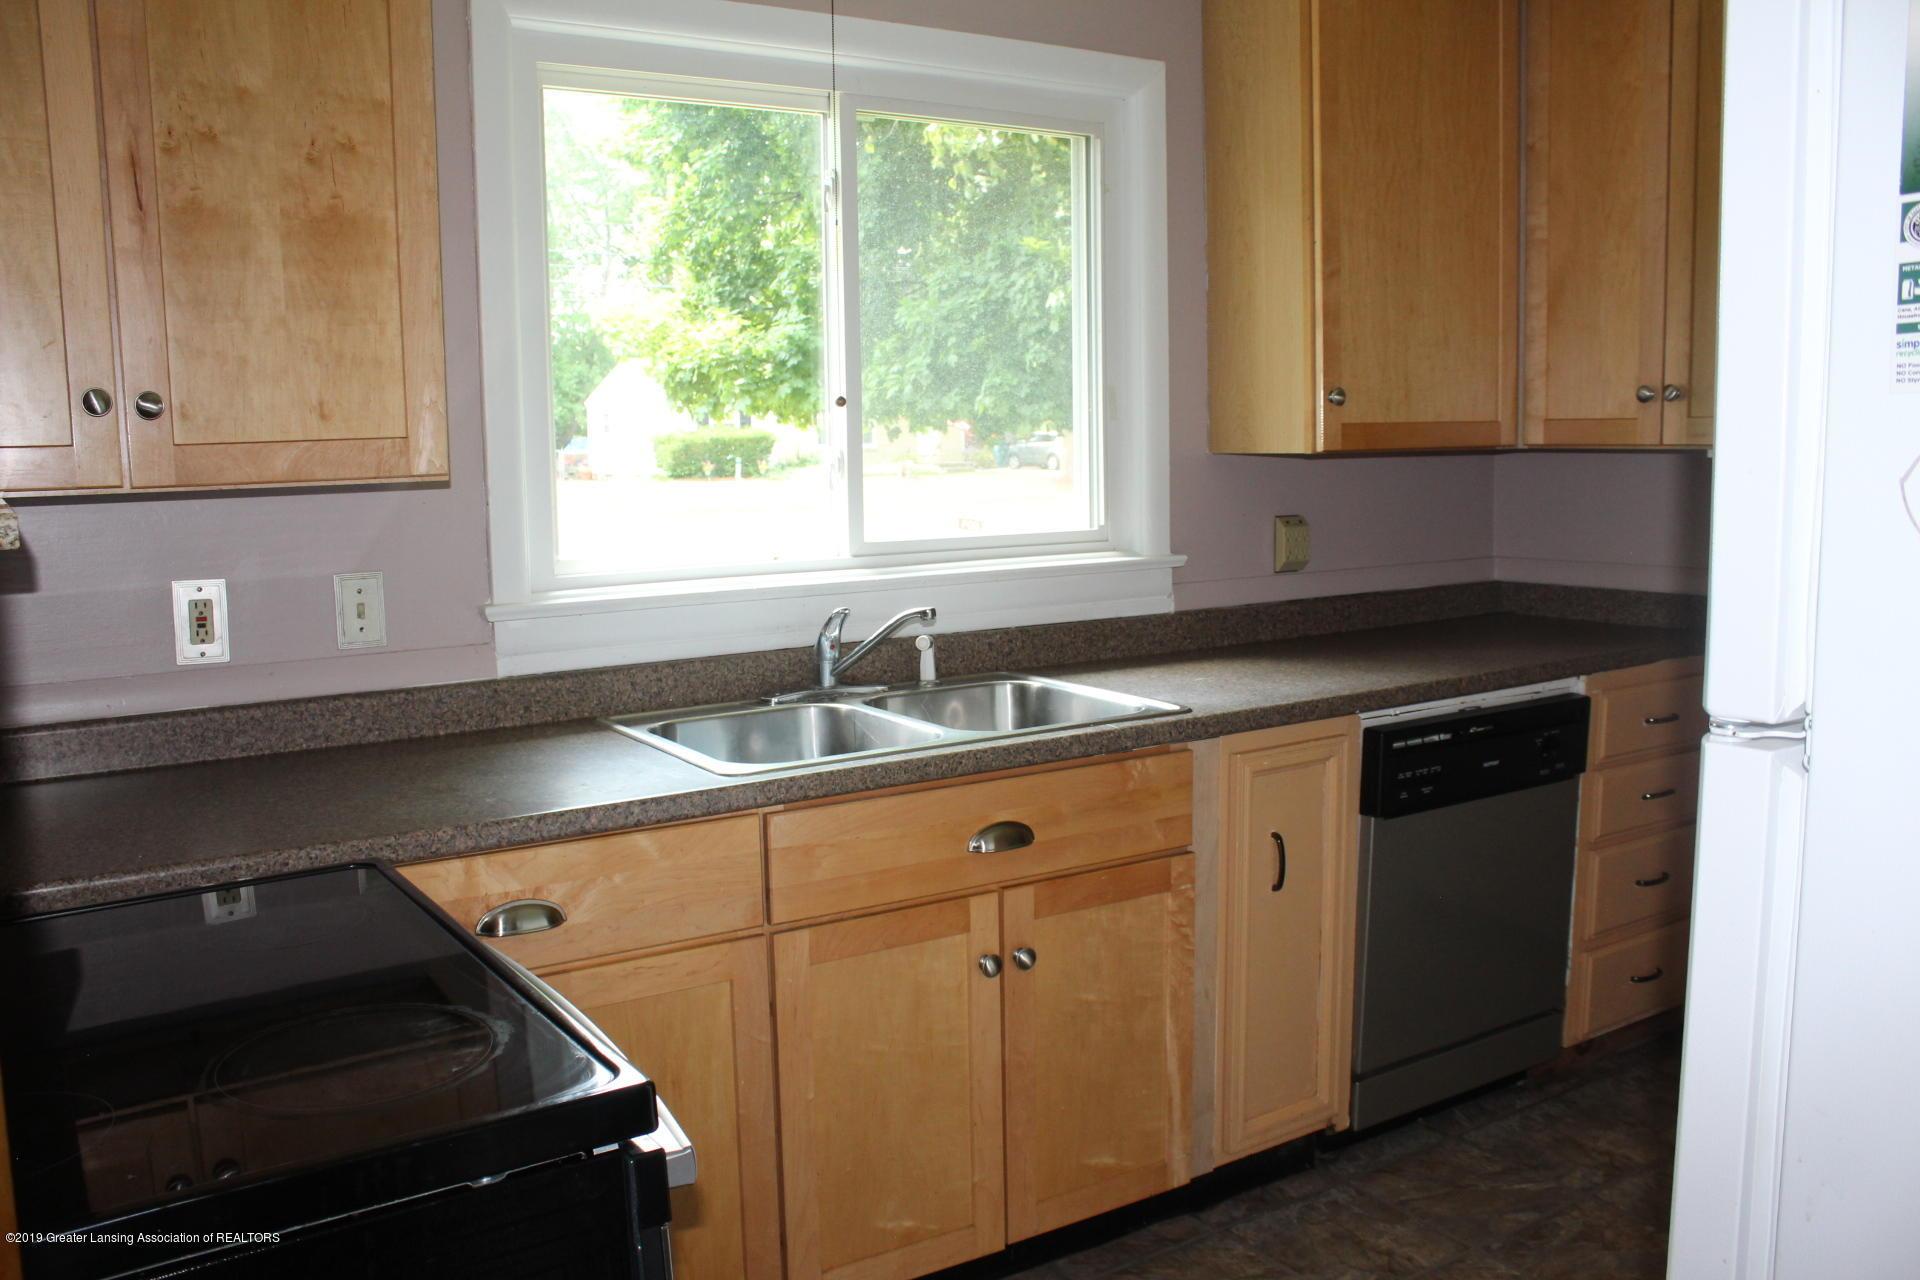 234 N Hagadorn Rd - Kitchen 1 - 3